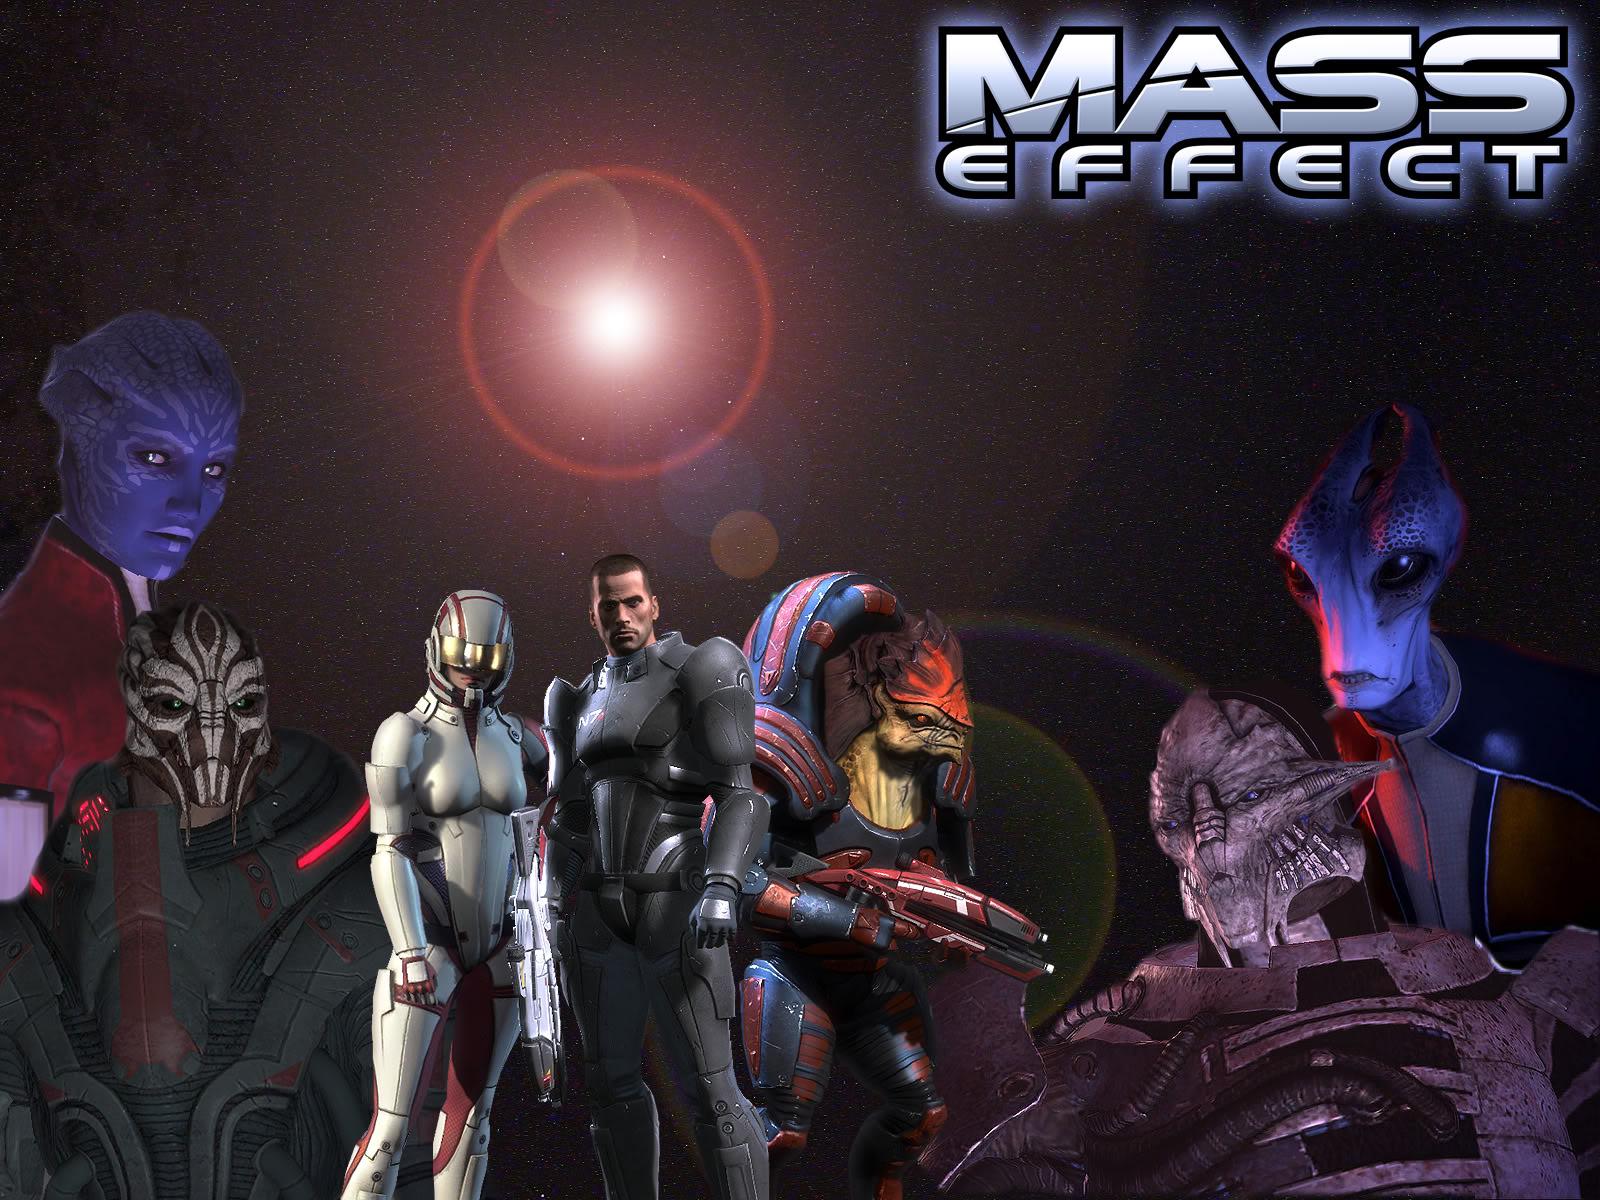 Файлы Mass Effect - патч, демо, demo, моды, дополнение. украинские народные